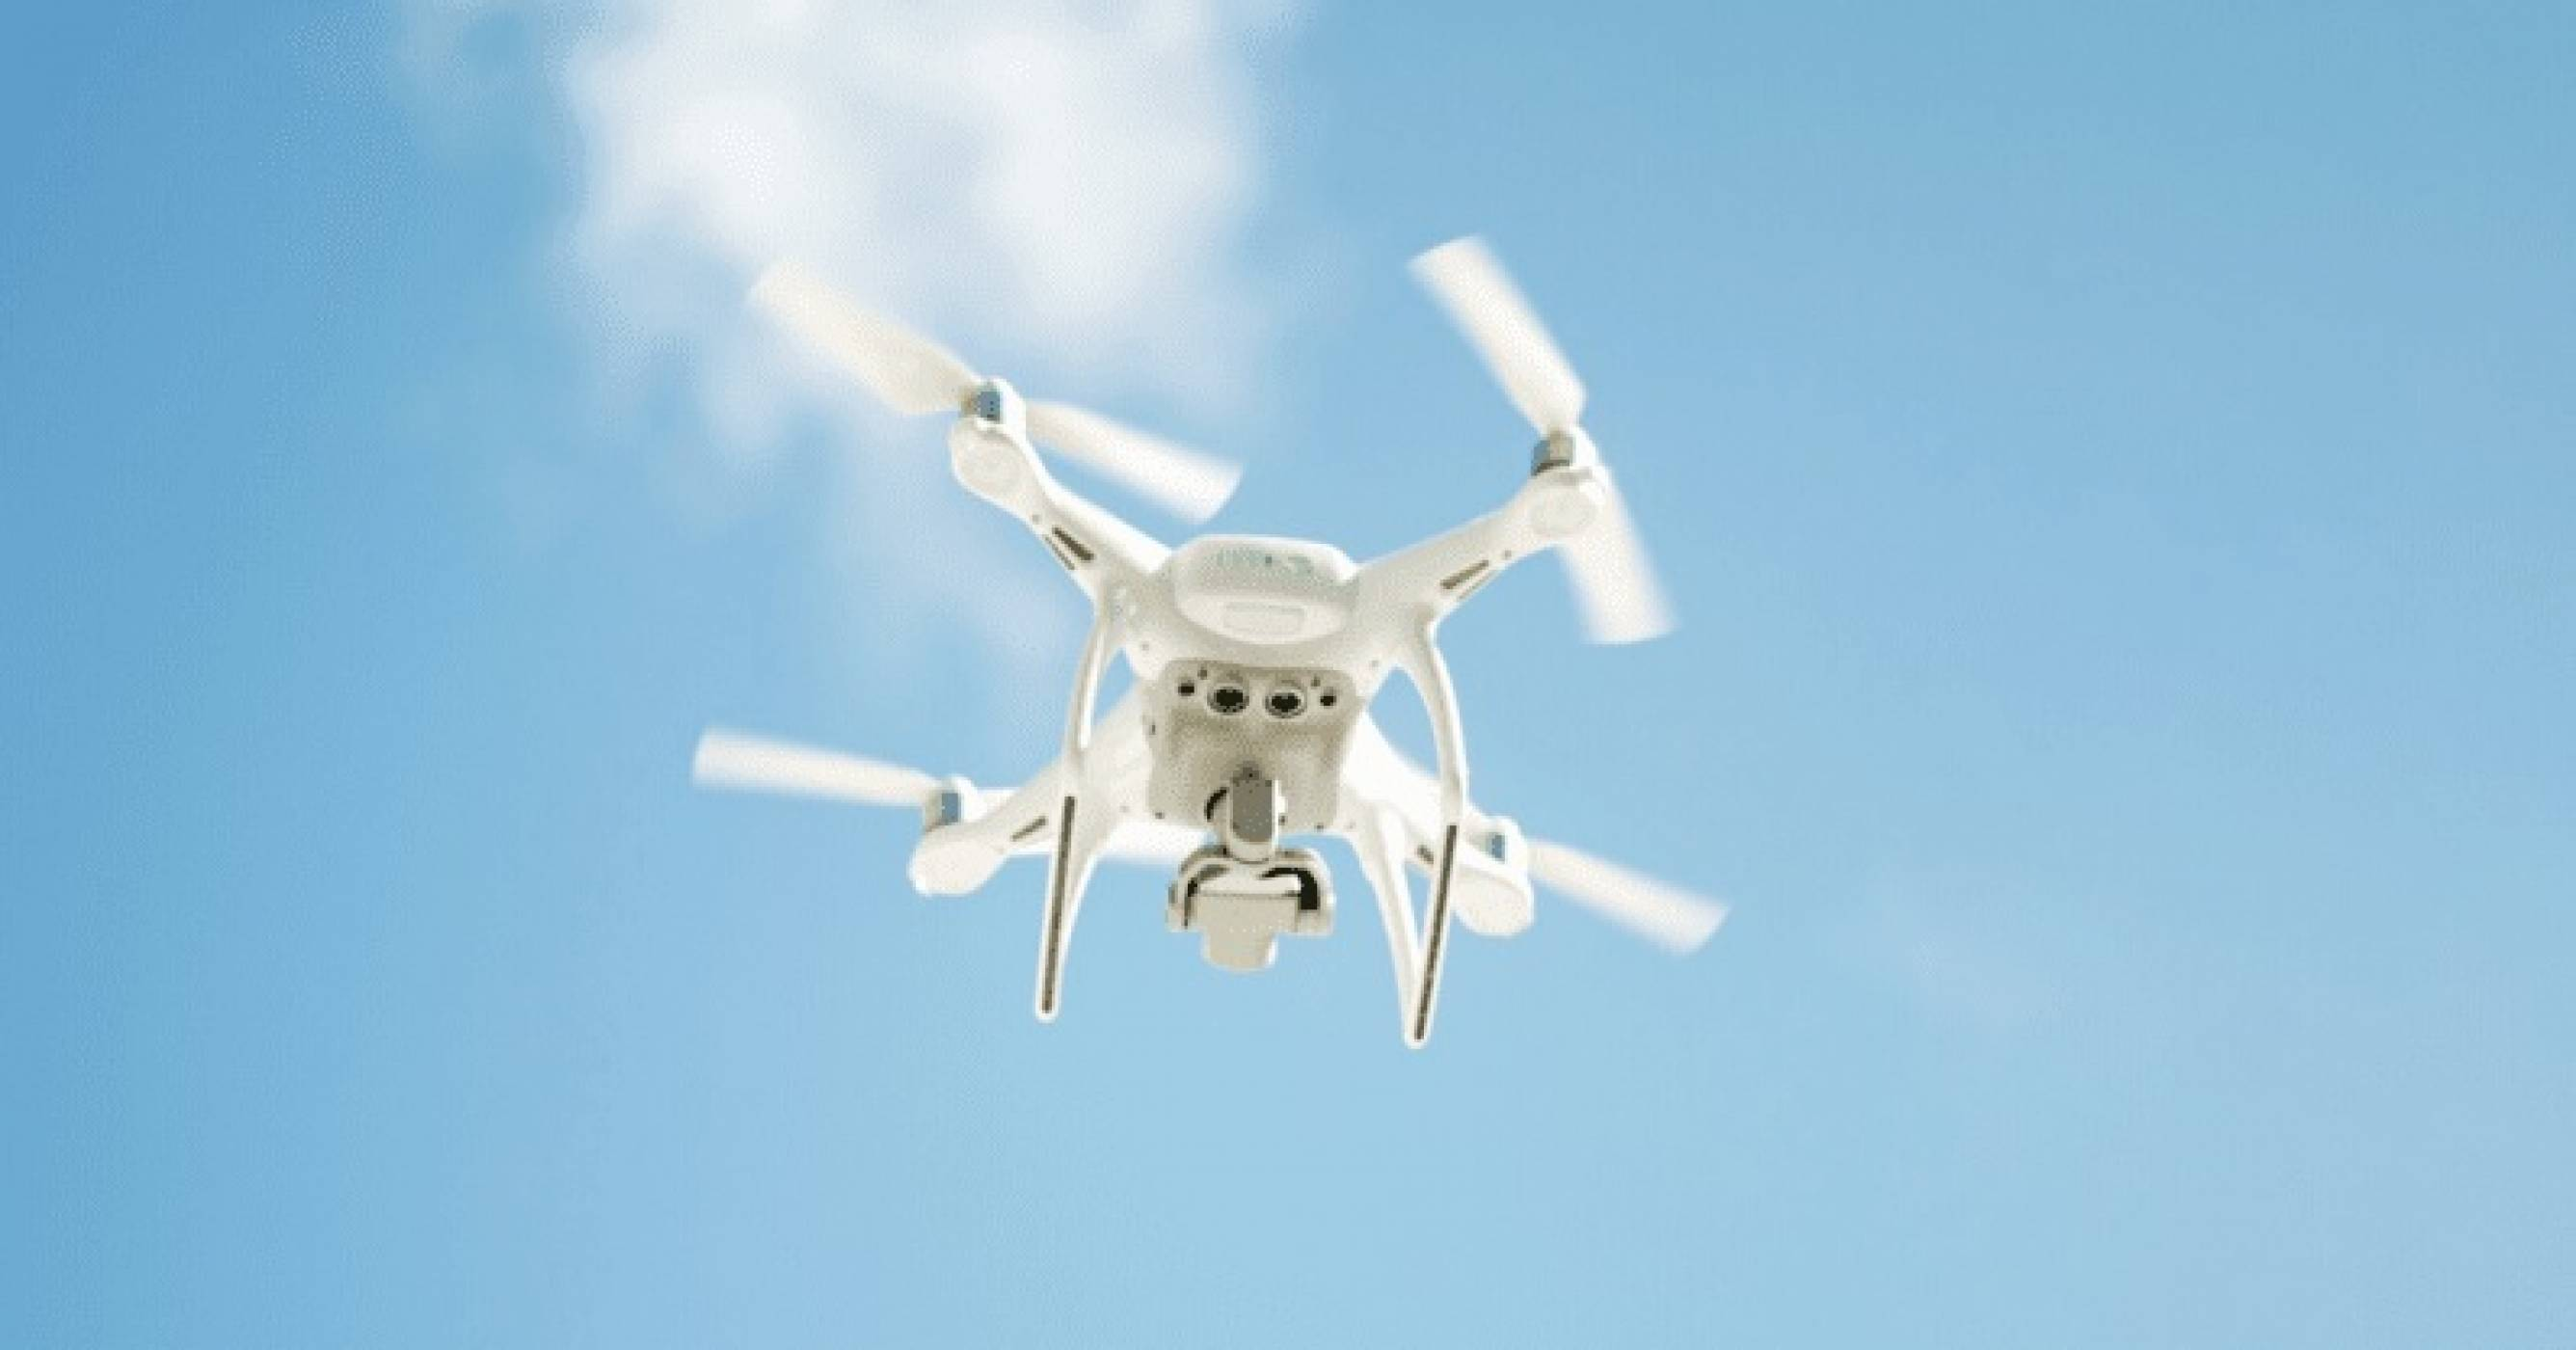 Милиони дронове ще доставят покупките ни след няколко години